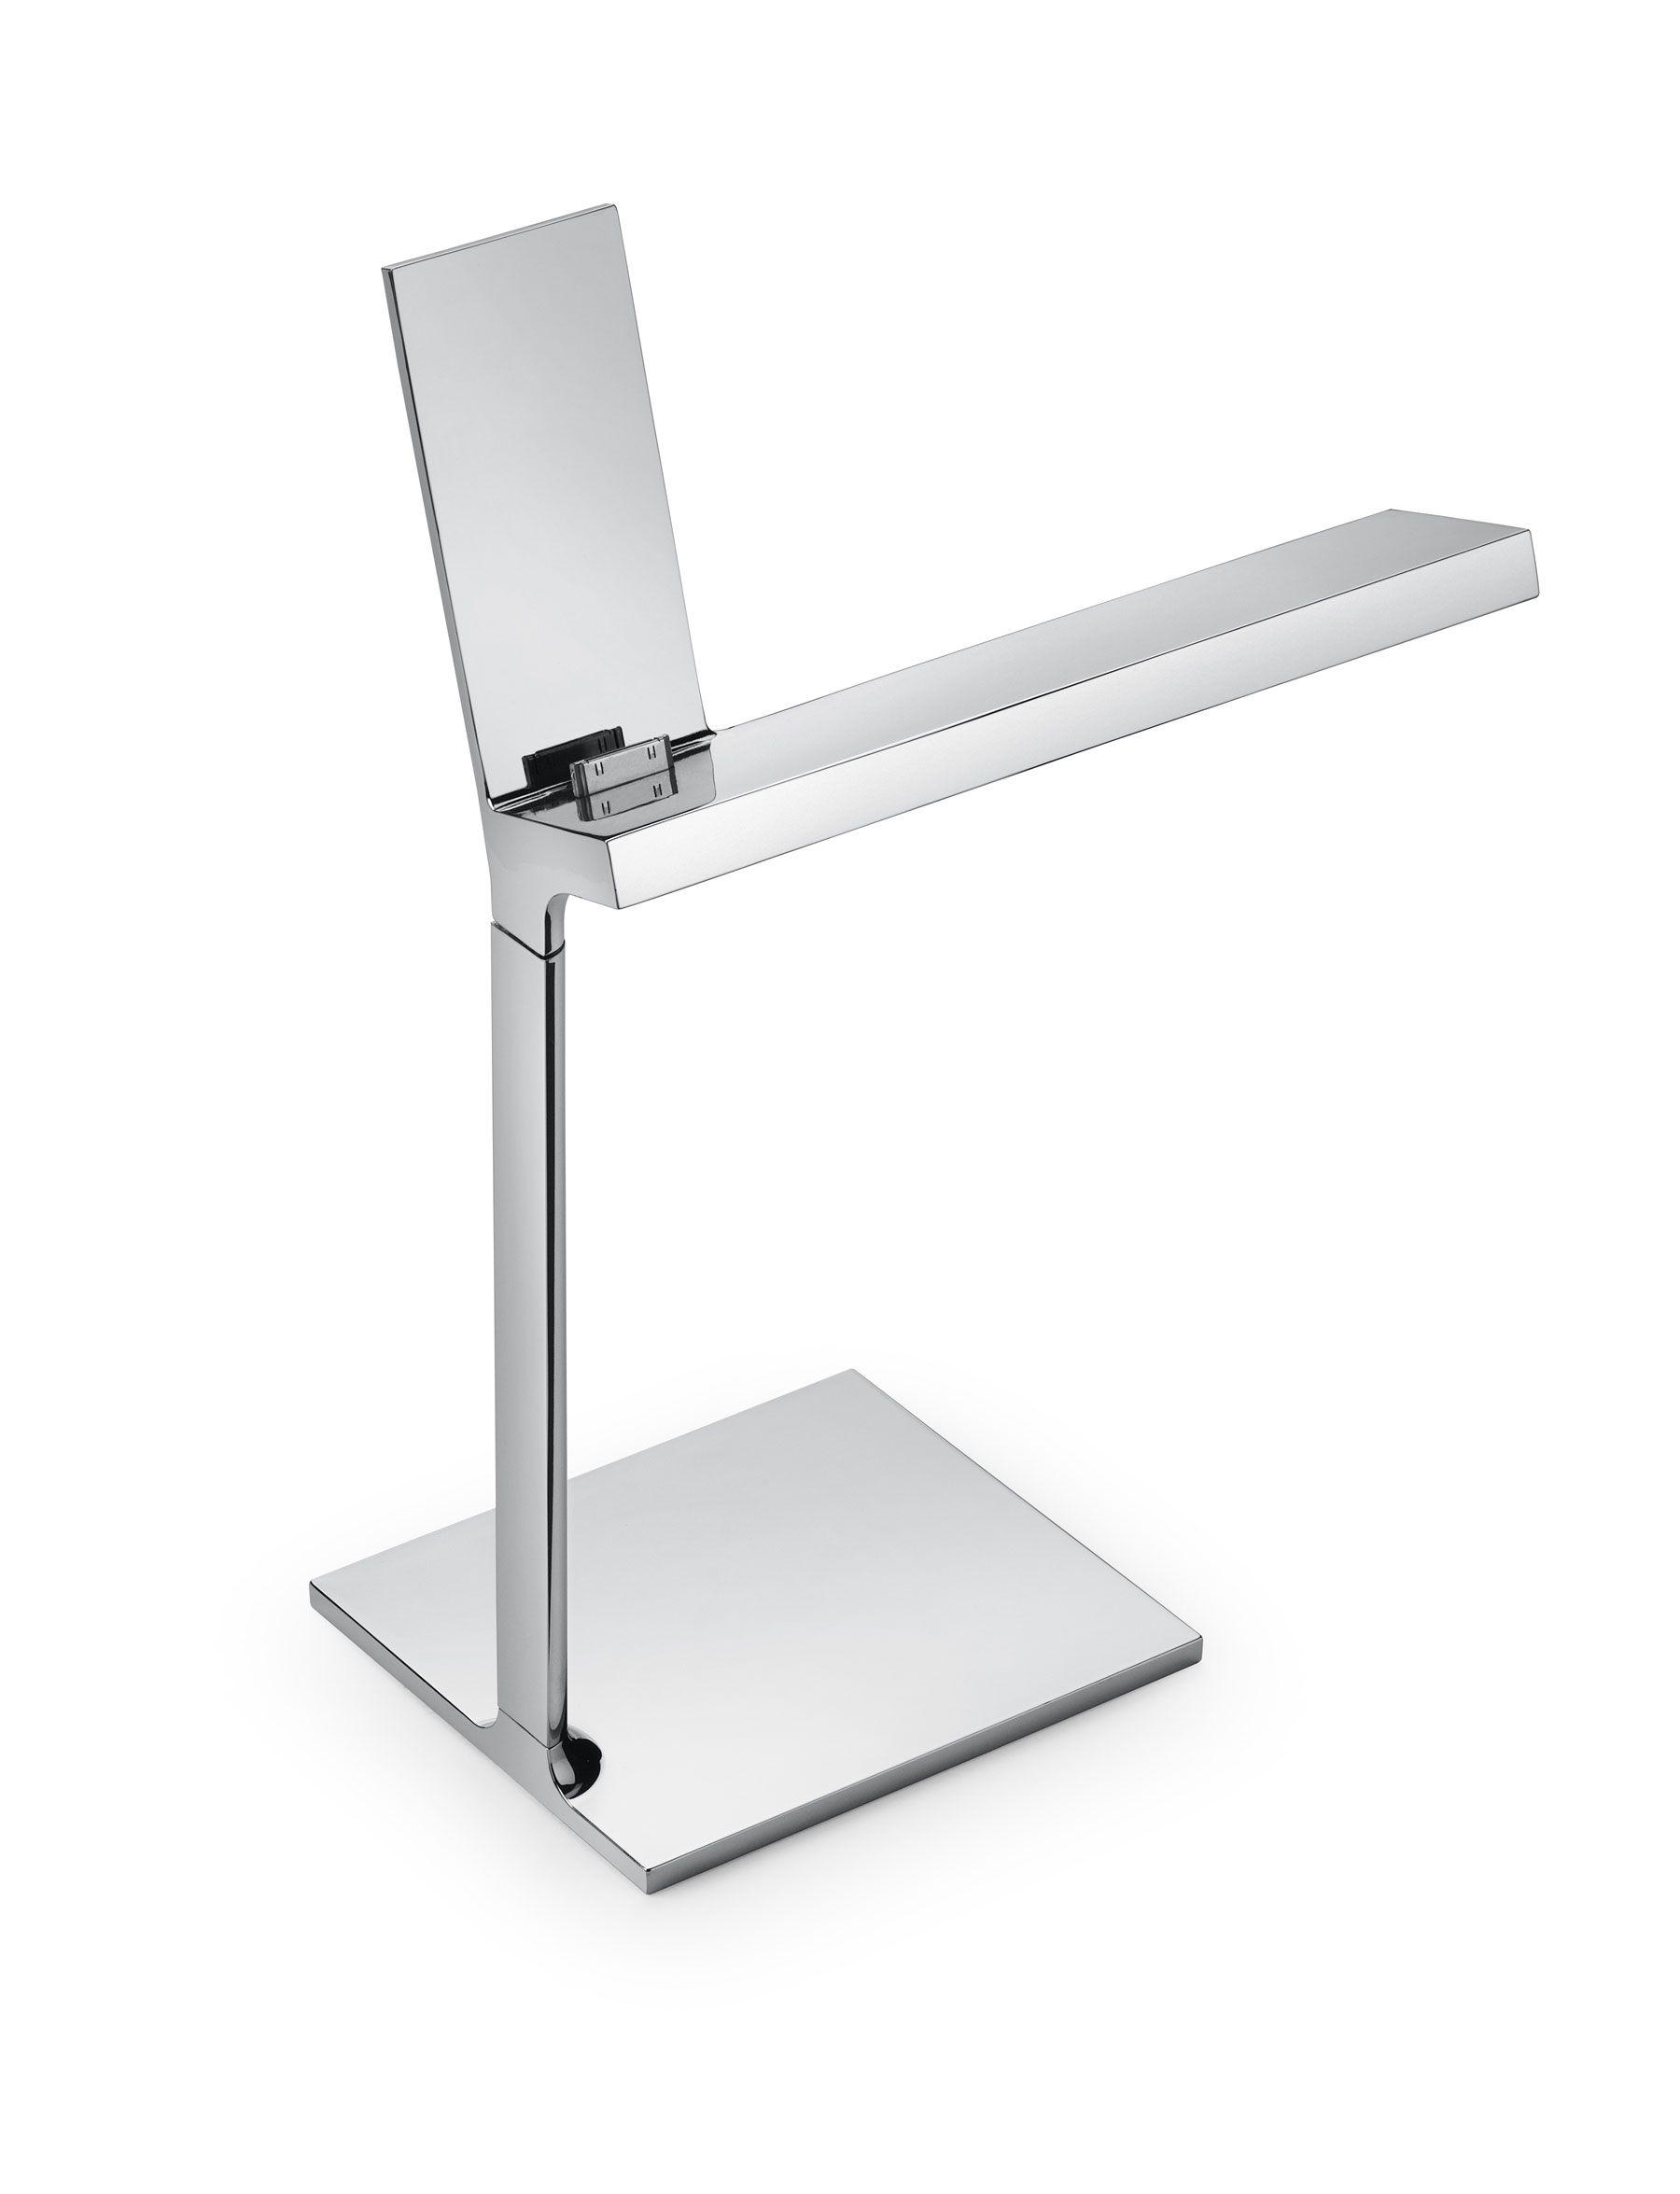 D E Light Led Table Lamp By Flos Lighting Lightology